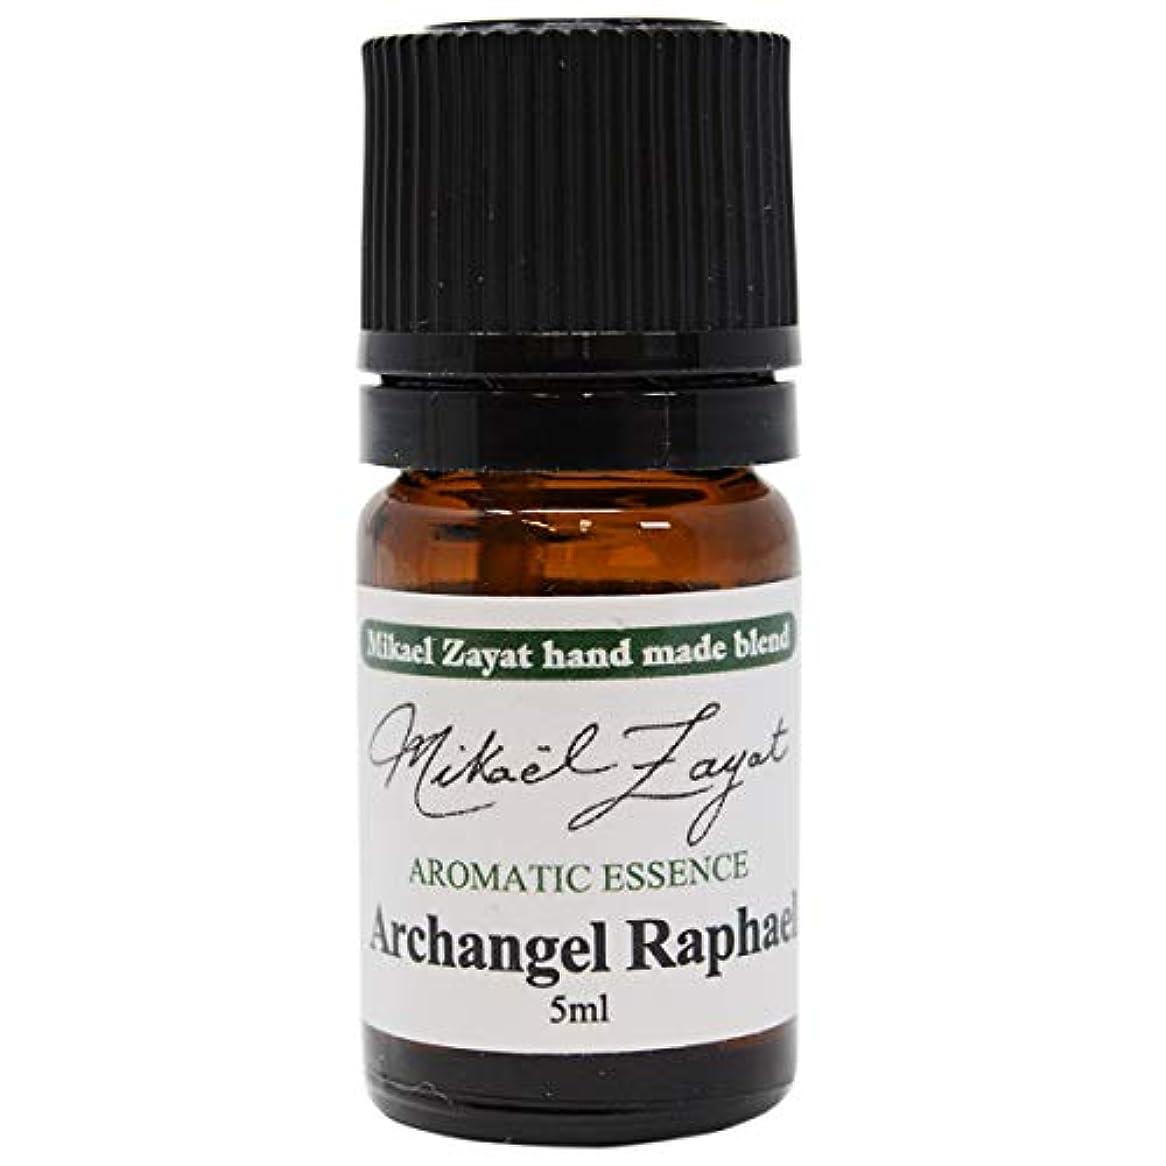 ブリードおとなしいはさみミカエルザヤット 大天使ラファエル ArchAngel Raphael 5ml Mikael Zayat hand made blend